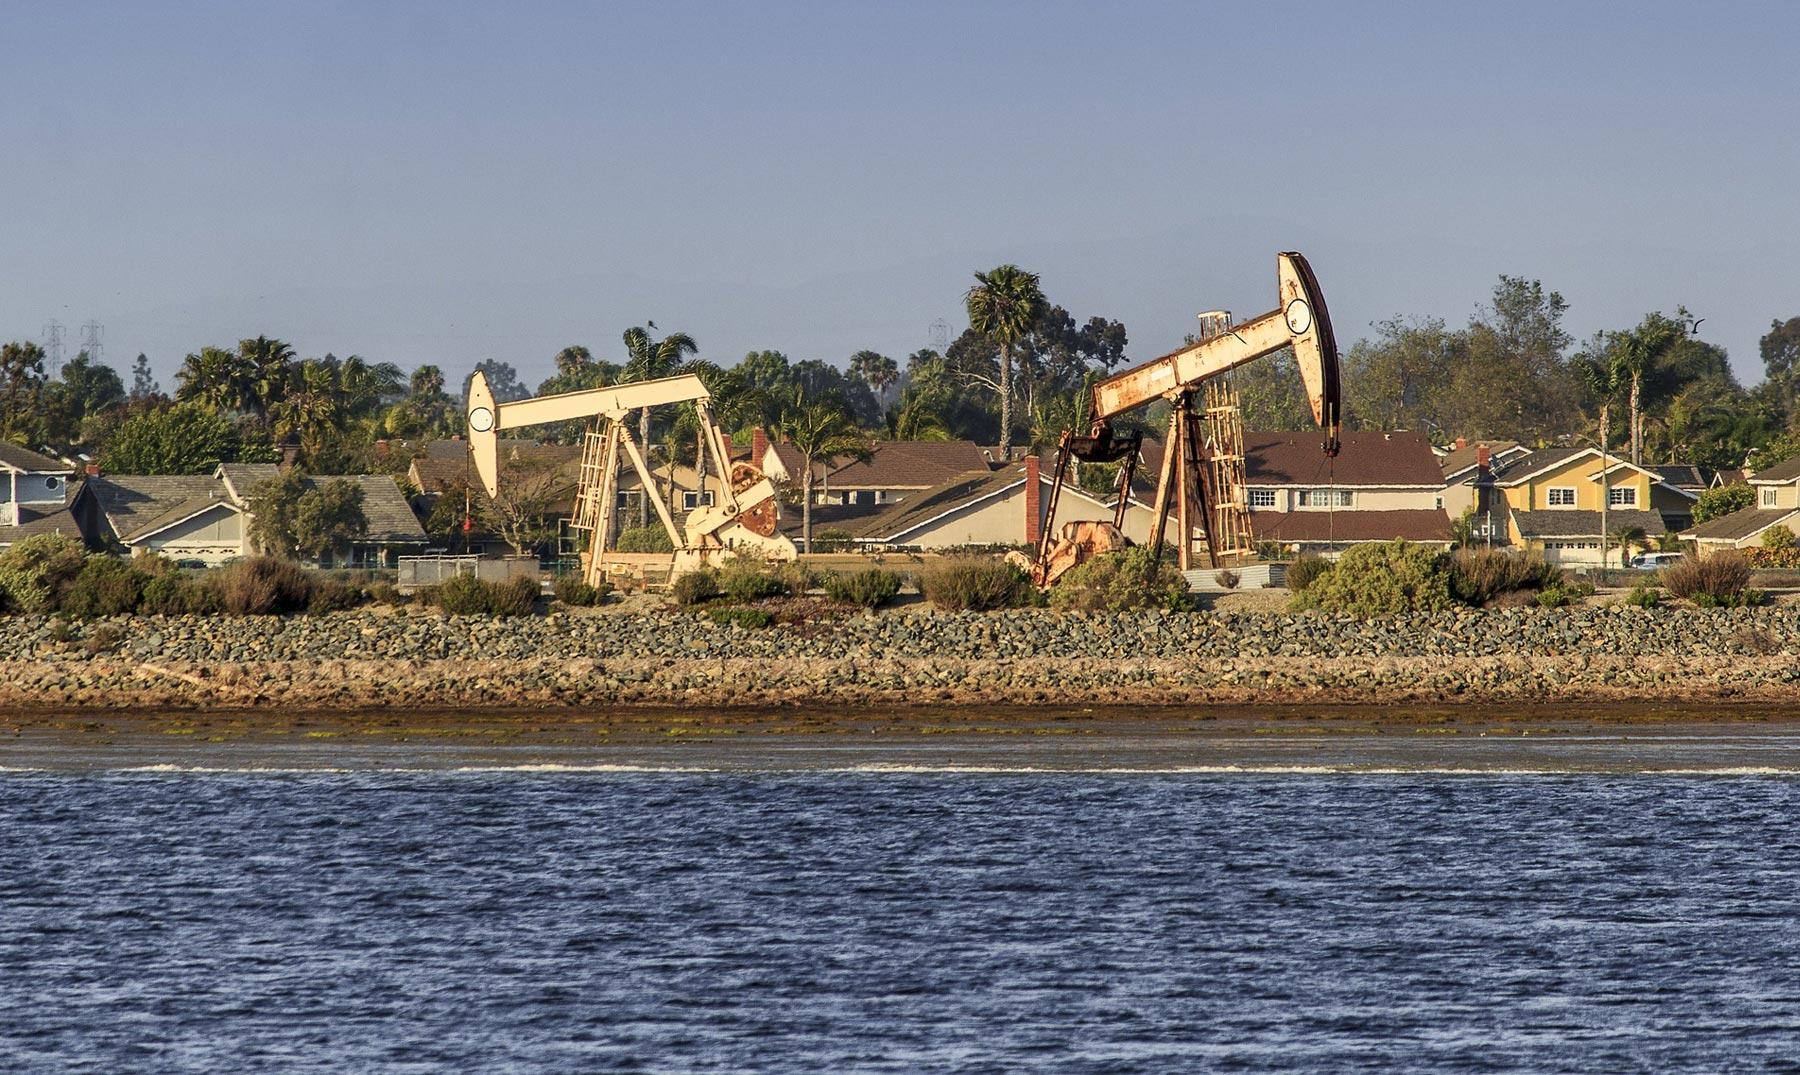 El costo humano y ecológico del petróleo